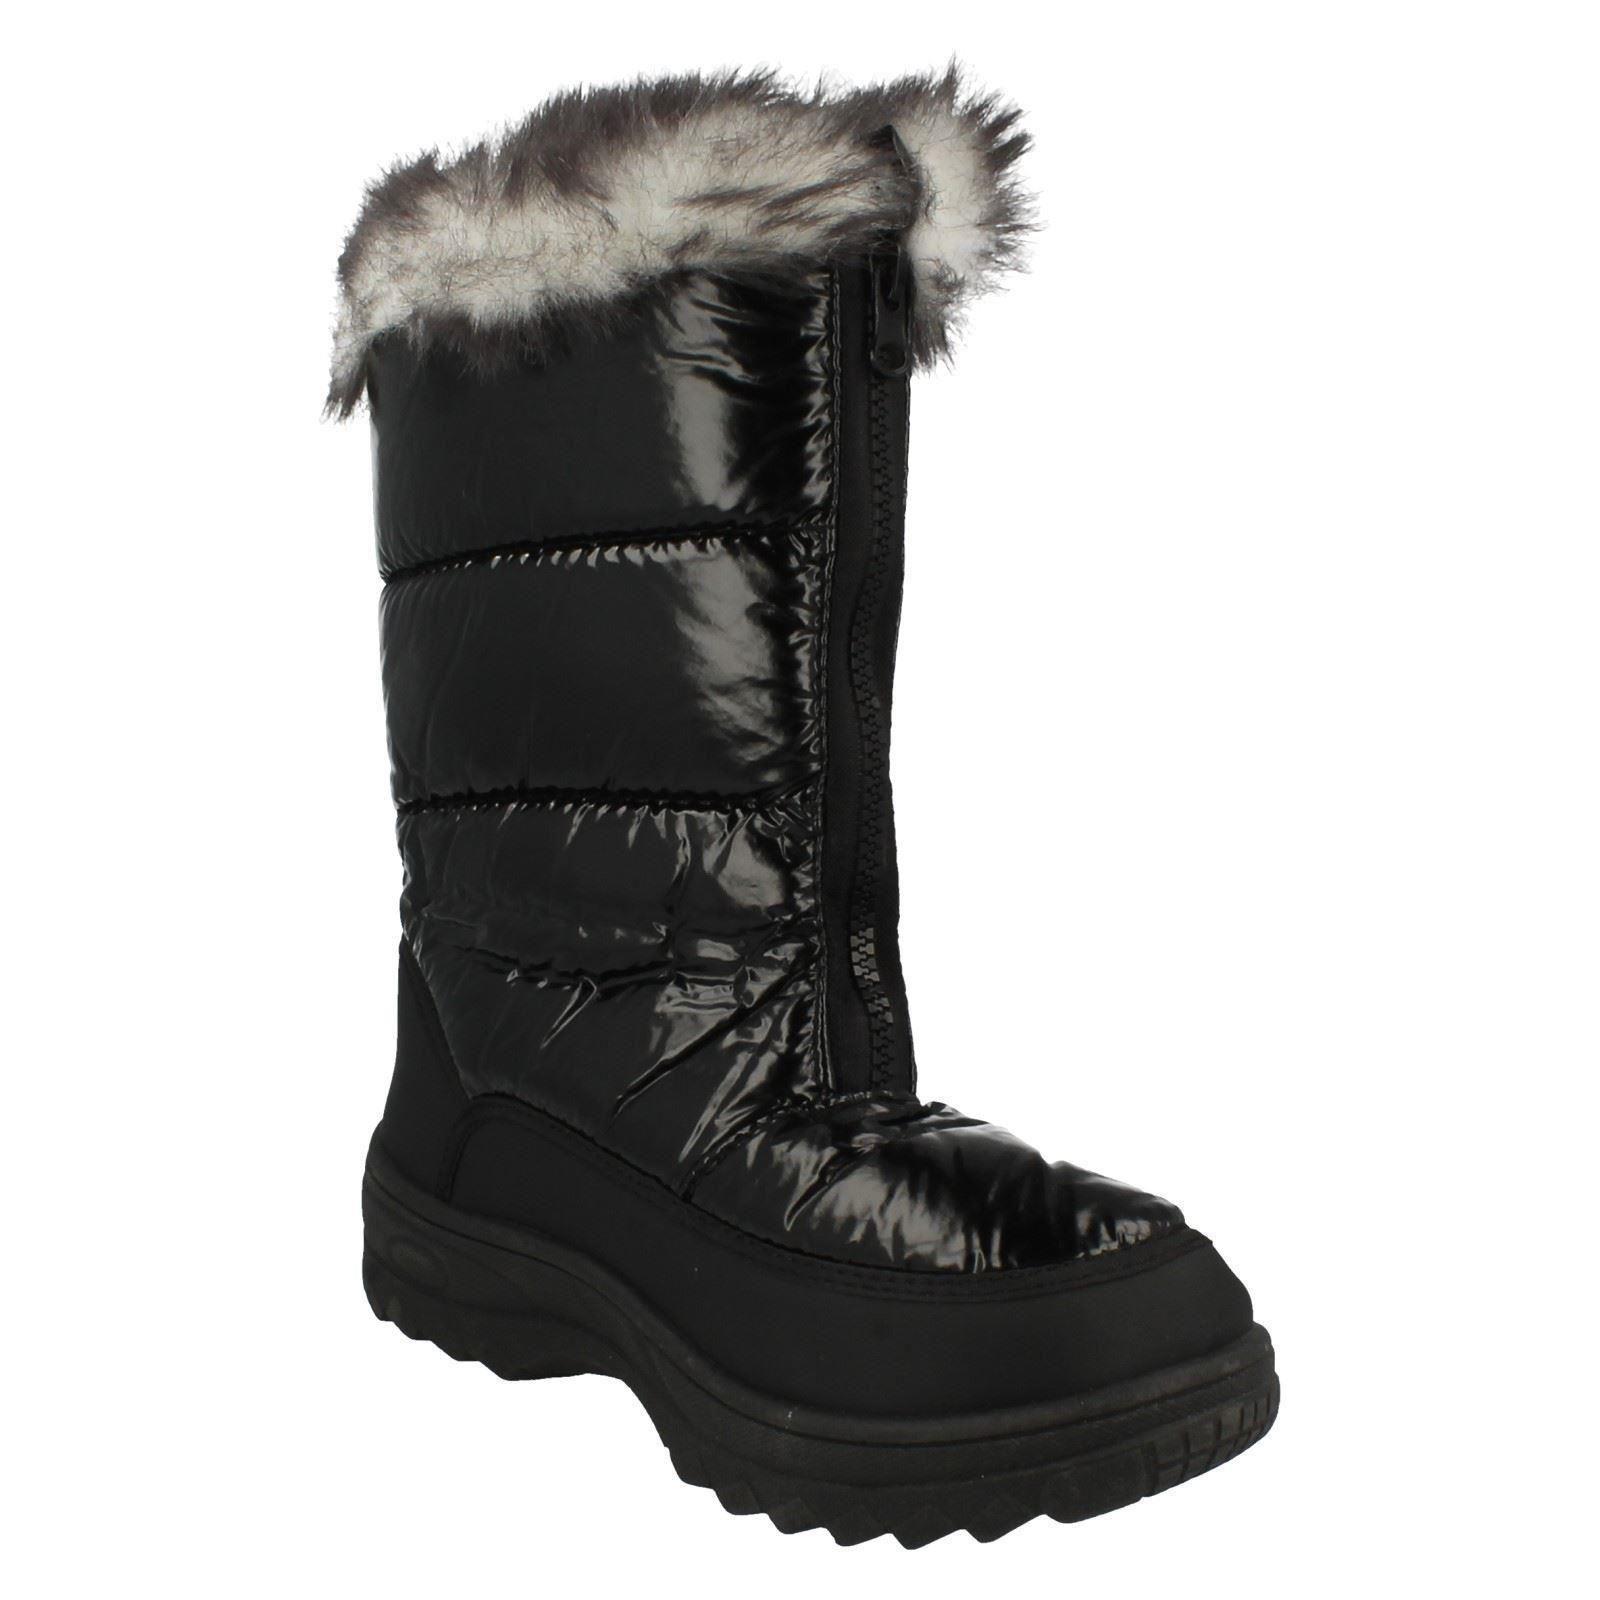 """Mesdames réflexe fourrure surmonté de Bottes de neige /""""F4R334/'"""